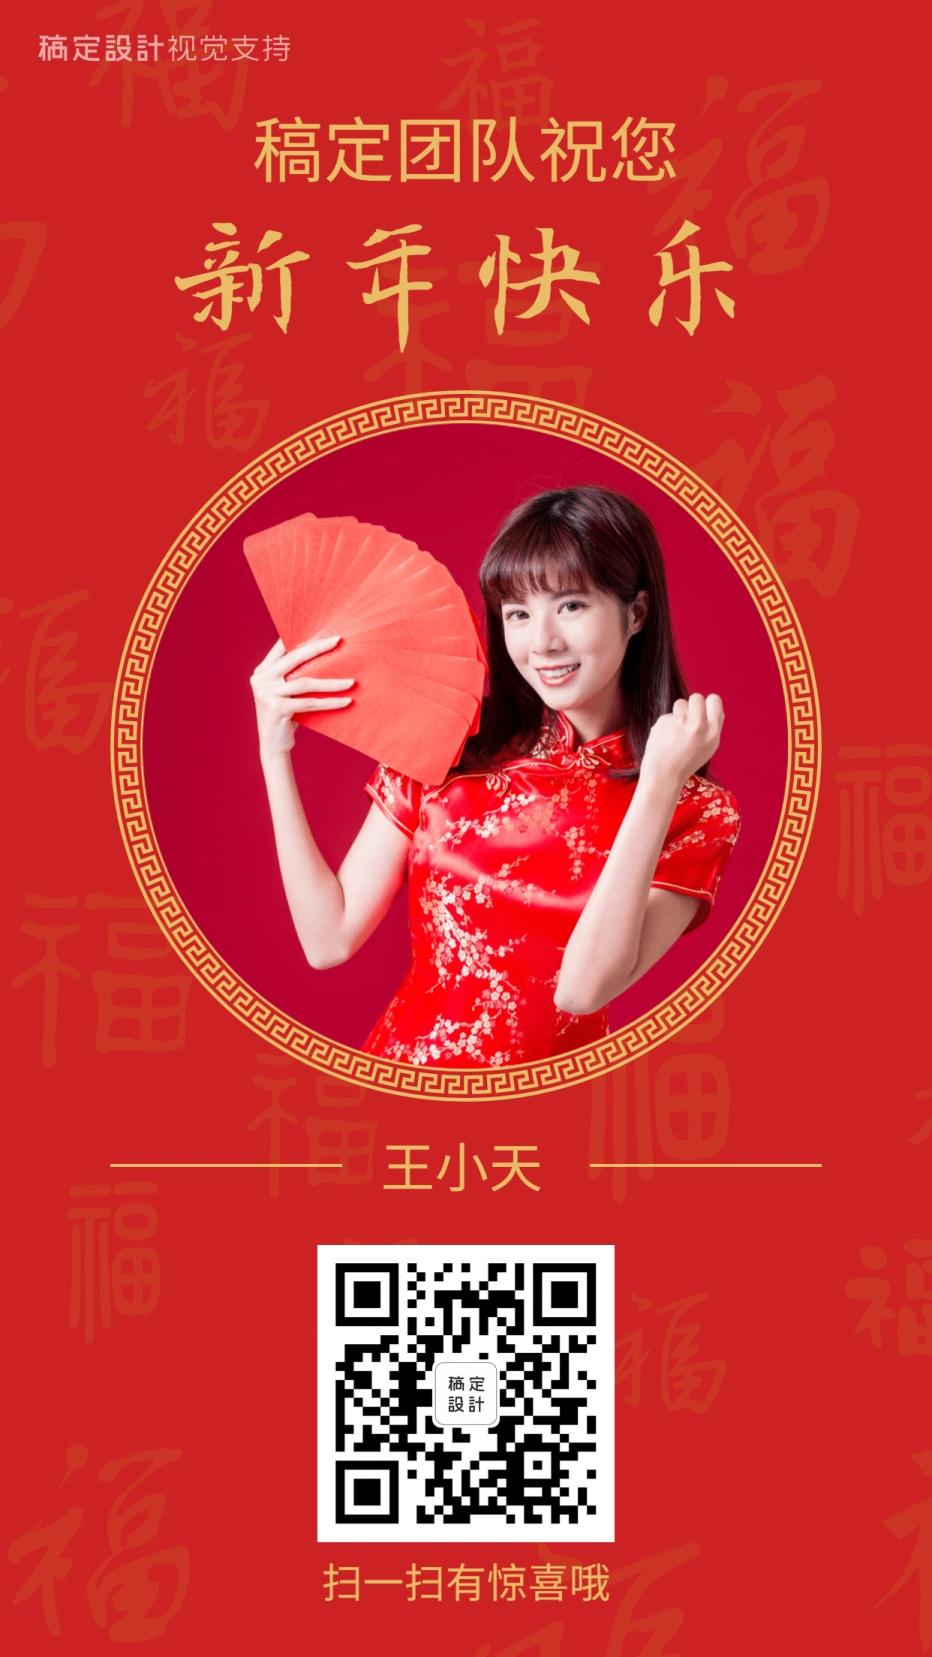 新年快乐新春海报